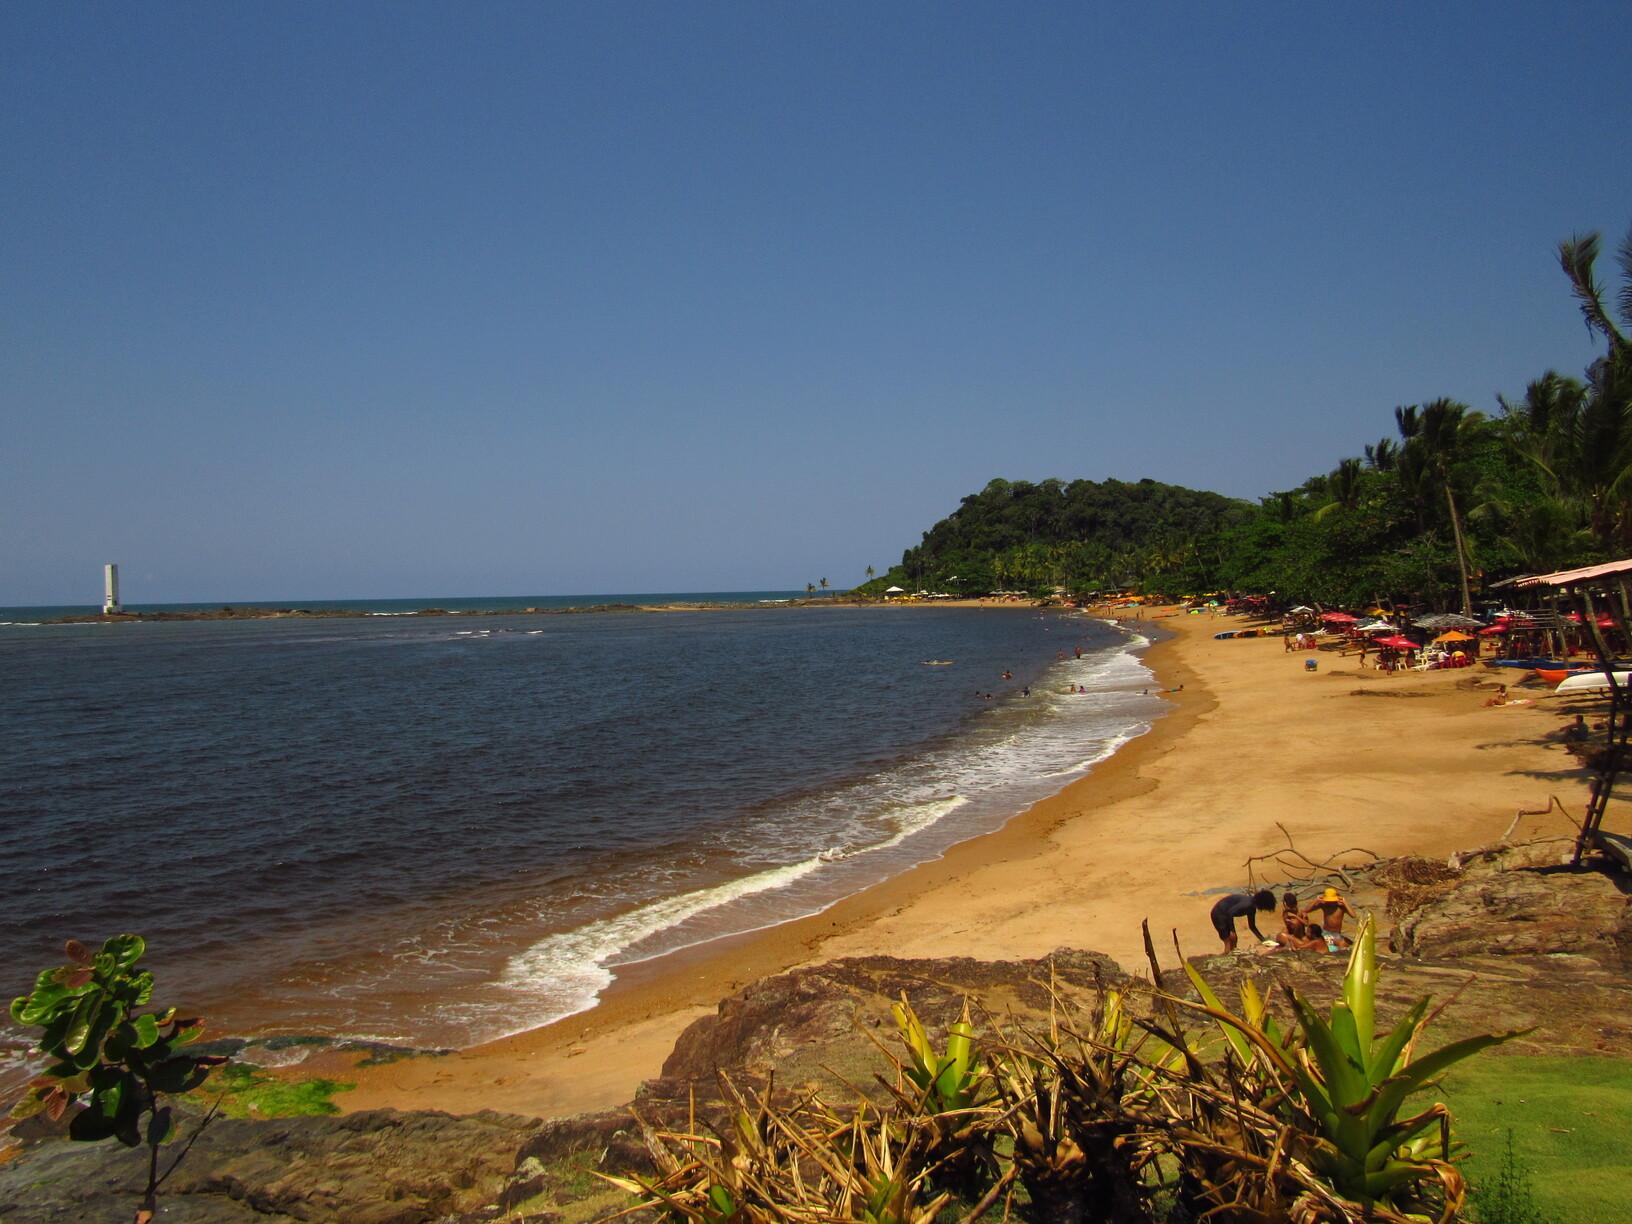 praia da concha itacare bahia